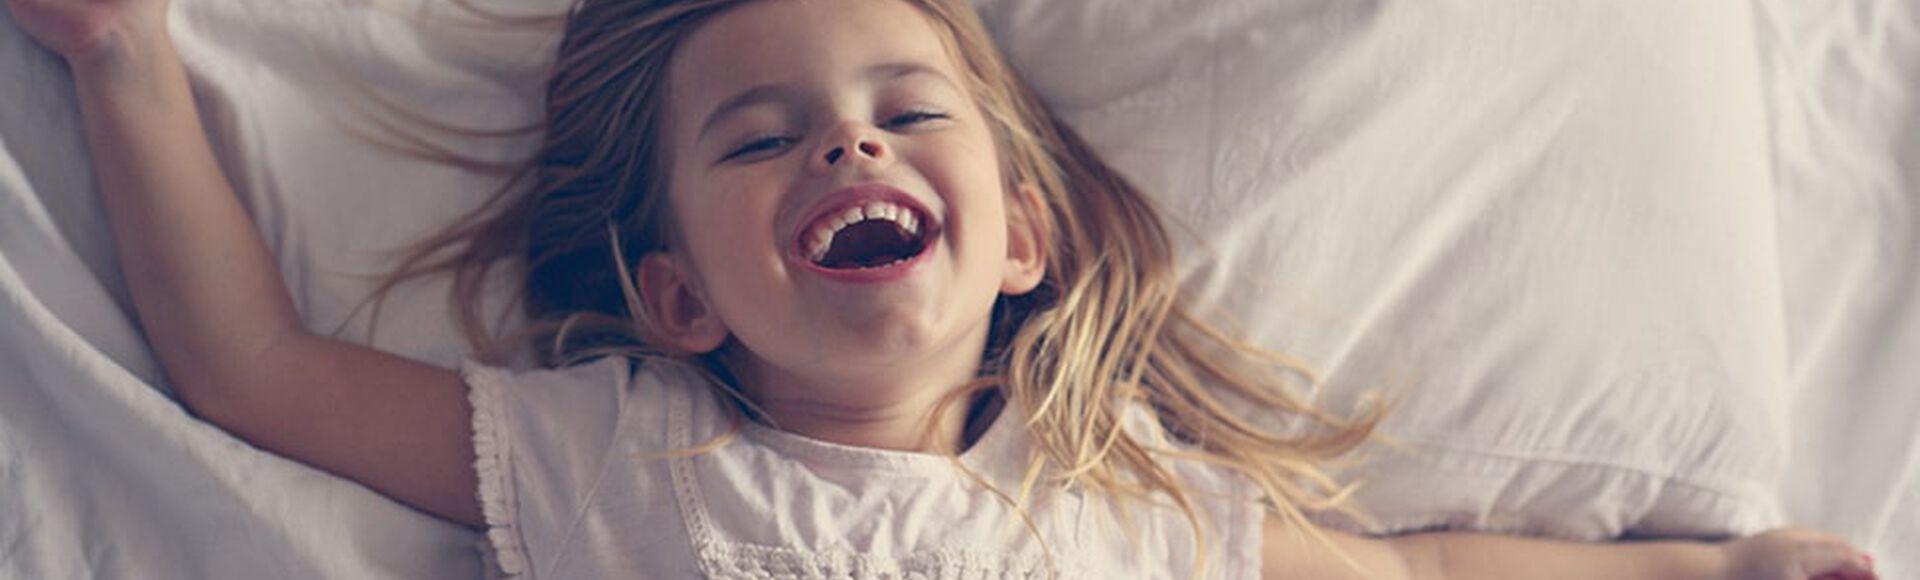 Niña feliz acostada en la cama